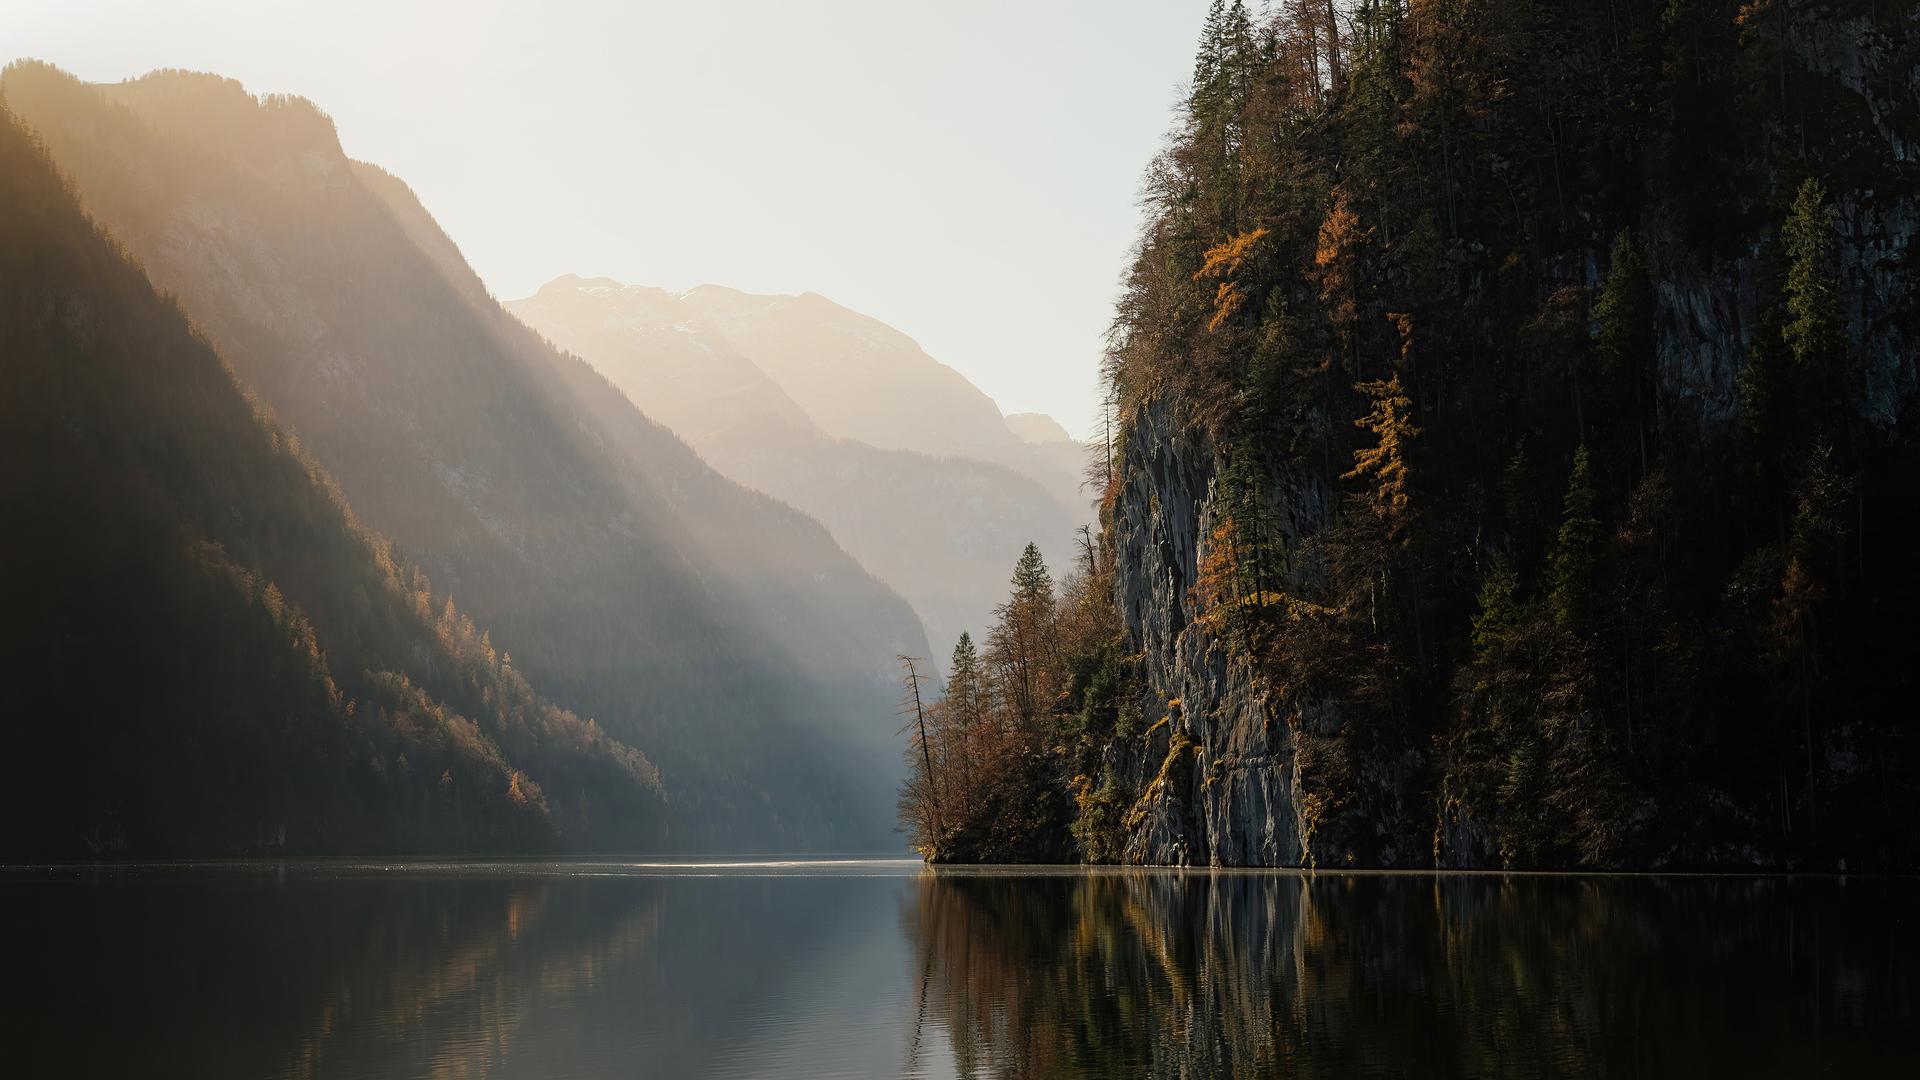 koenigssee-lake-in-germany-5k-qr.jpg